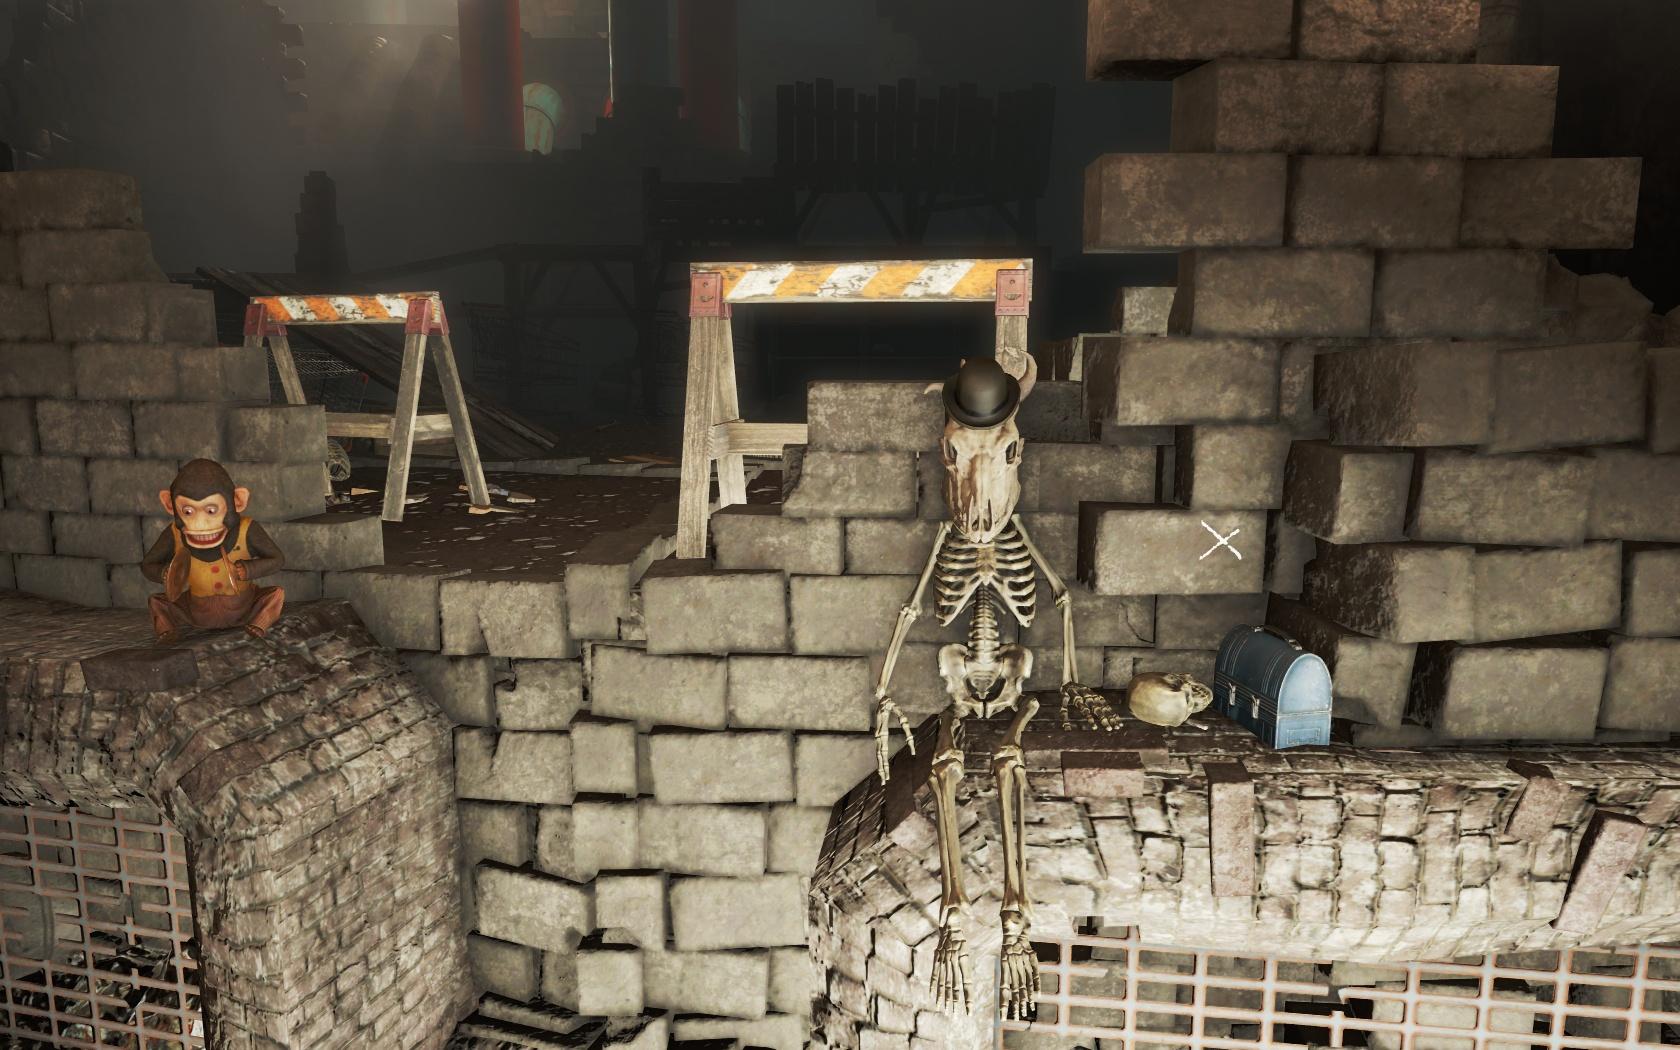 Новая голова (Канализация Фенс-стрит) - Fallout 4 Канализация, Канализация Фенс-стрит, скелет, Фенс, Фенс-стрит